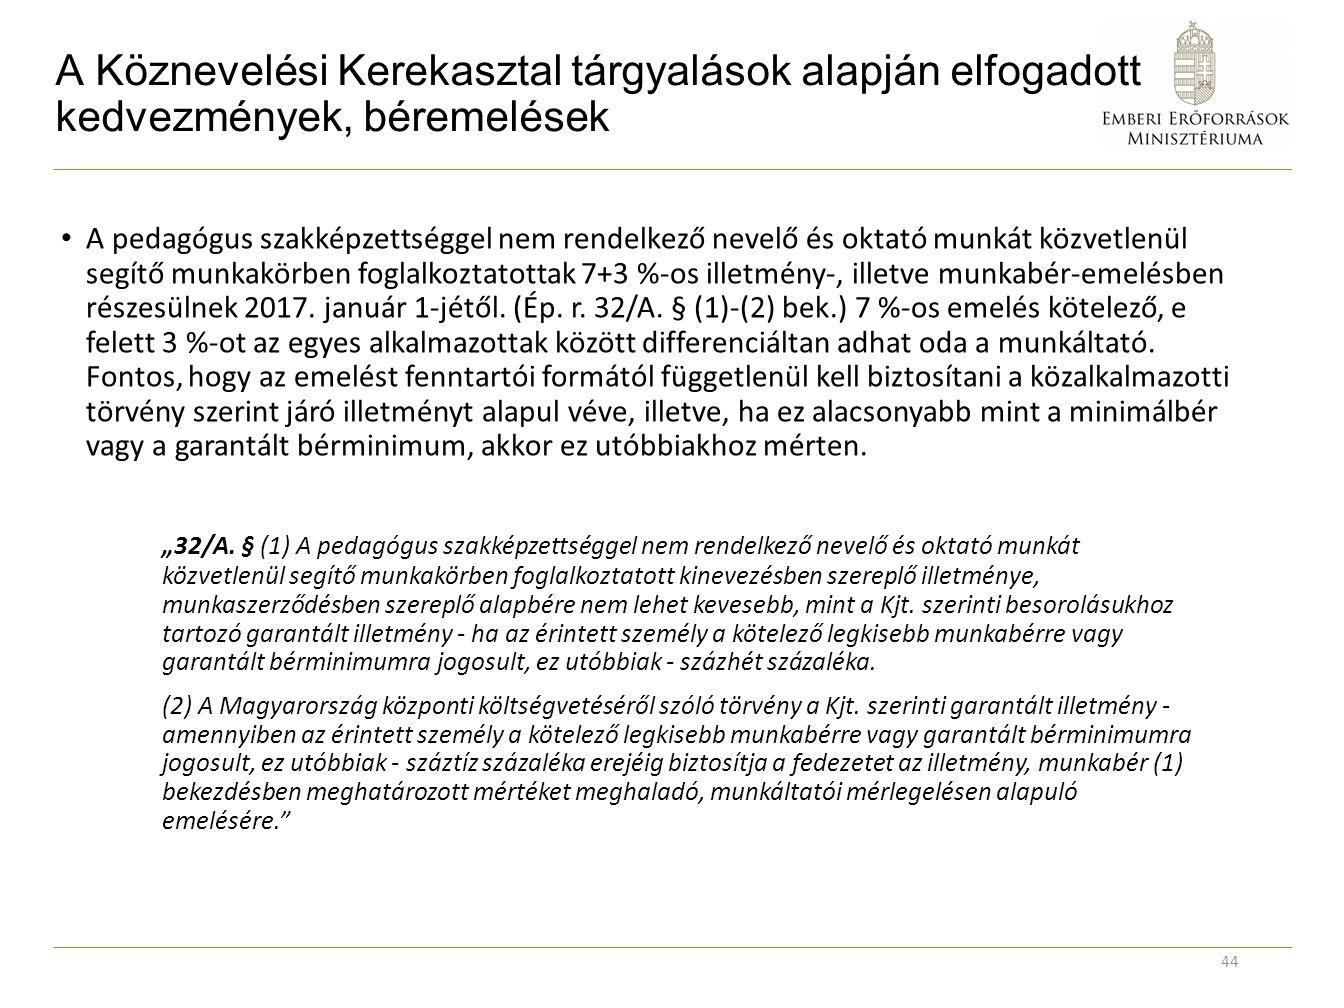 A Köznevelési Kerekasztal tárgyalások alapján elfogadott kedvezmények, béremelések